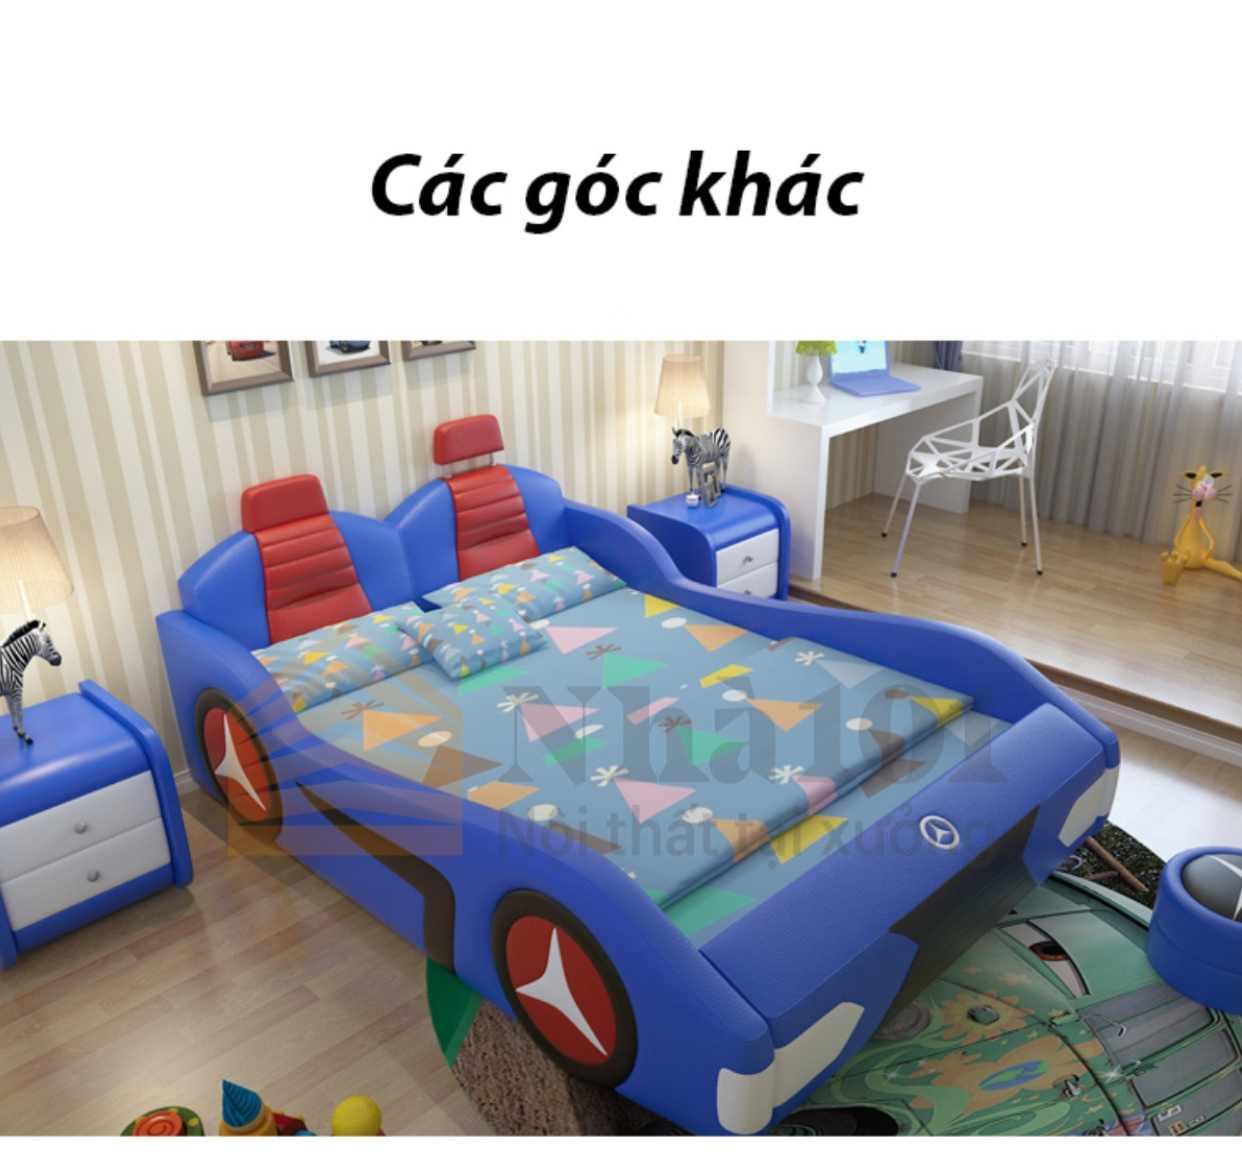 Giường Trẻ Em Mecerdes, giường trẻ em, giường mecerdes 2